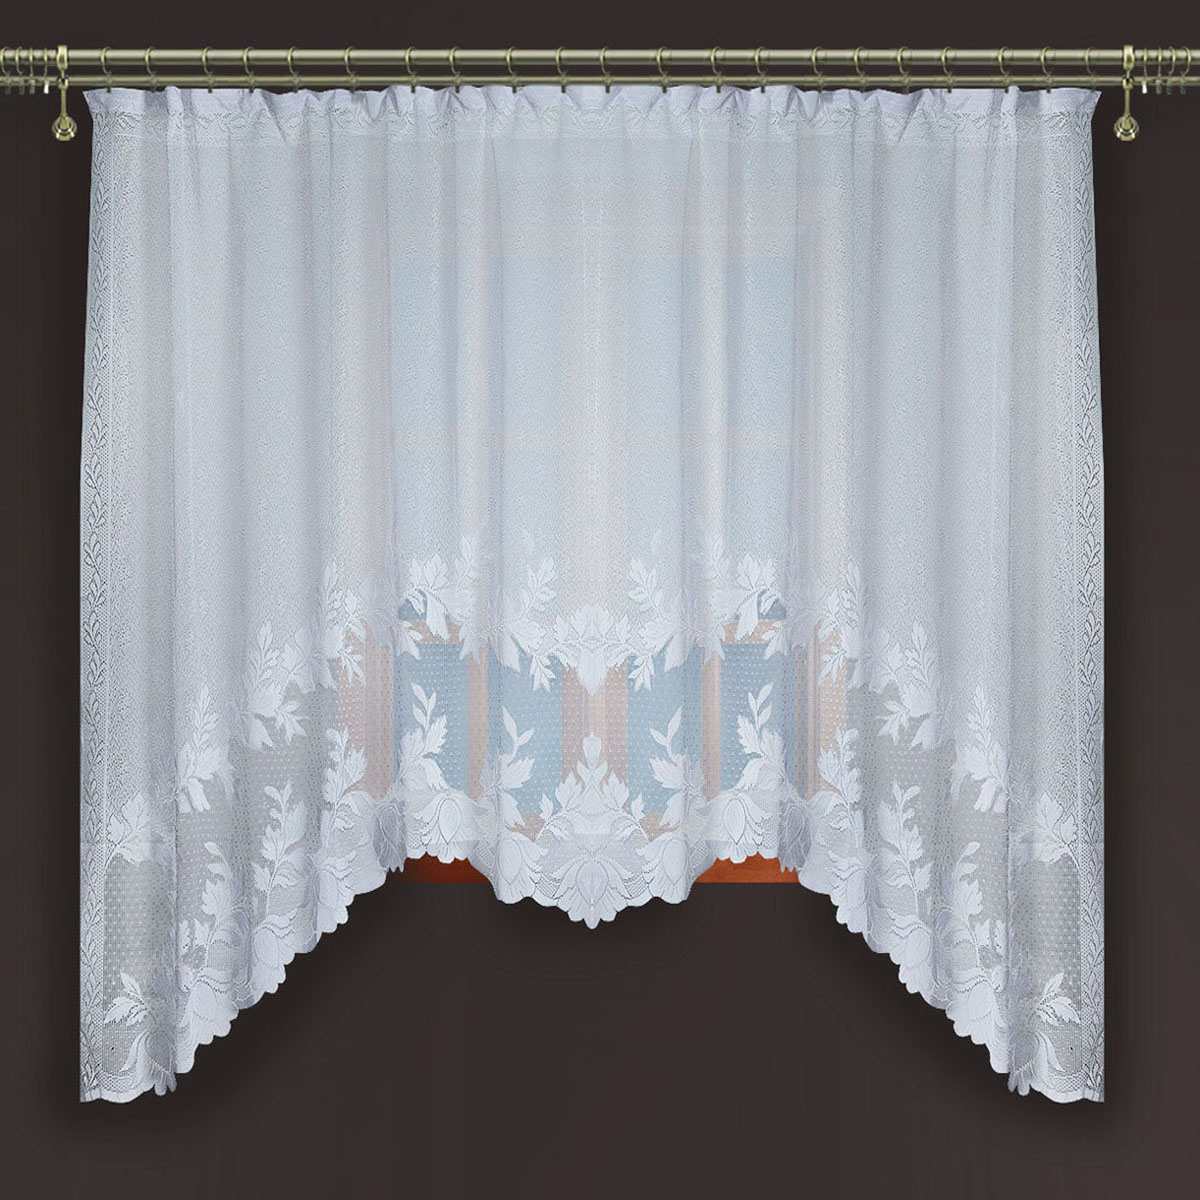 Гардина Zlata Korunka, цвет: белый, ширина 250 см, высота 160 см88867Гардина из тюле-кружевного полотна, крепление на зажимах для штор.,160*250Размеры: 160*250